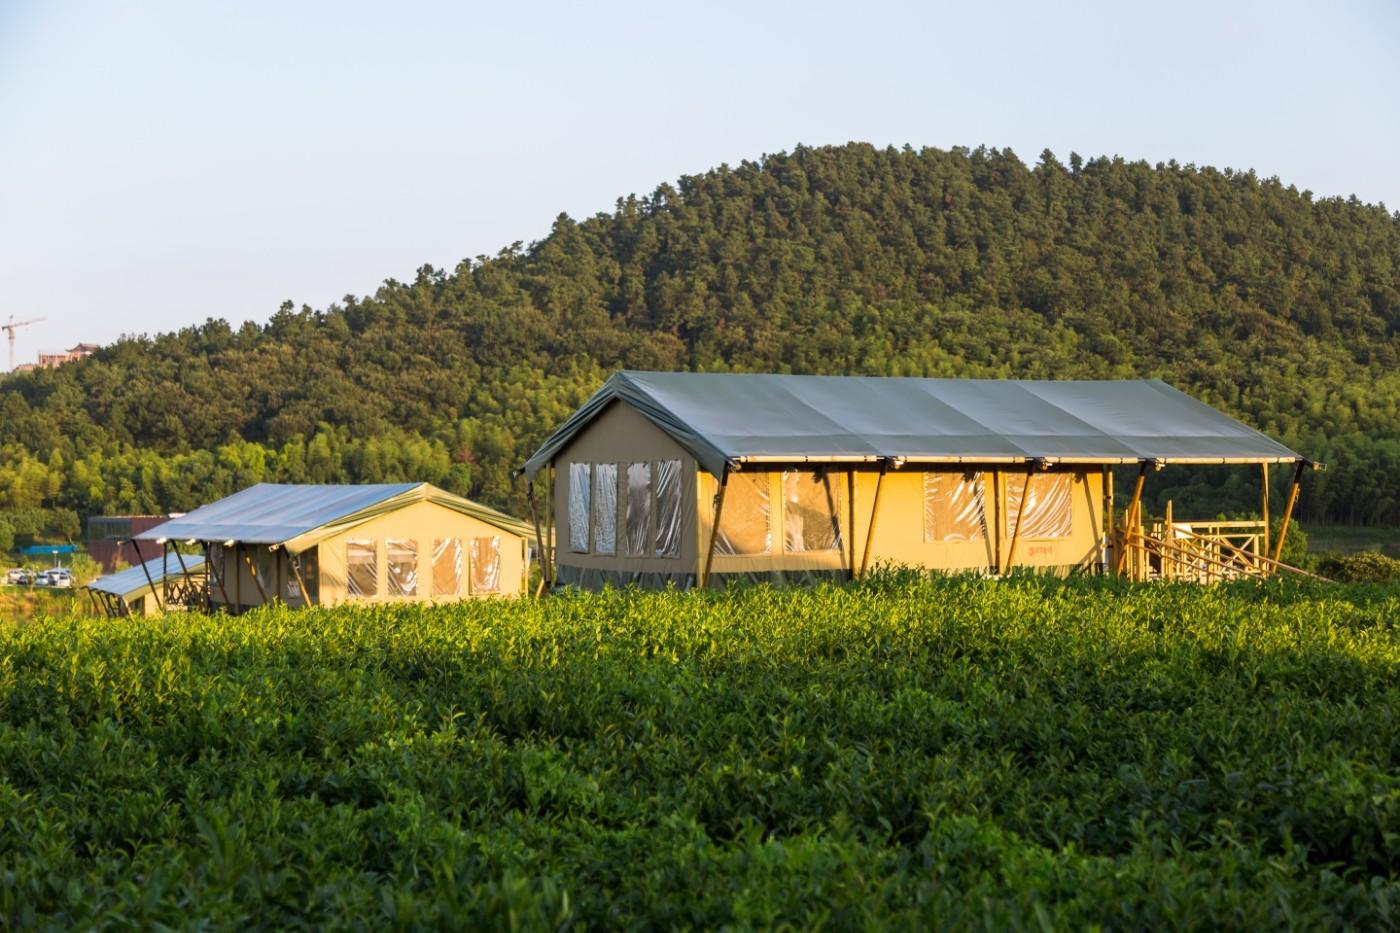 喜马拉雅野奢帐篷酒店—江苏常州茅山宝盛园茶园帐篷酒店12